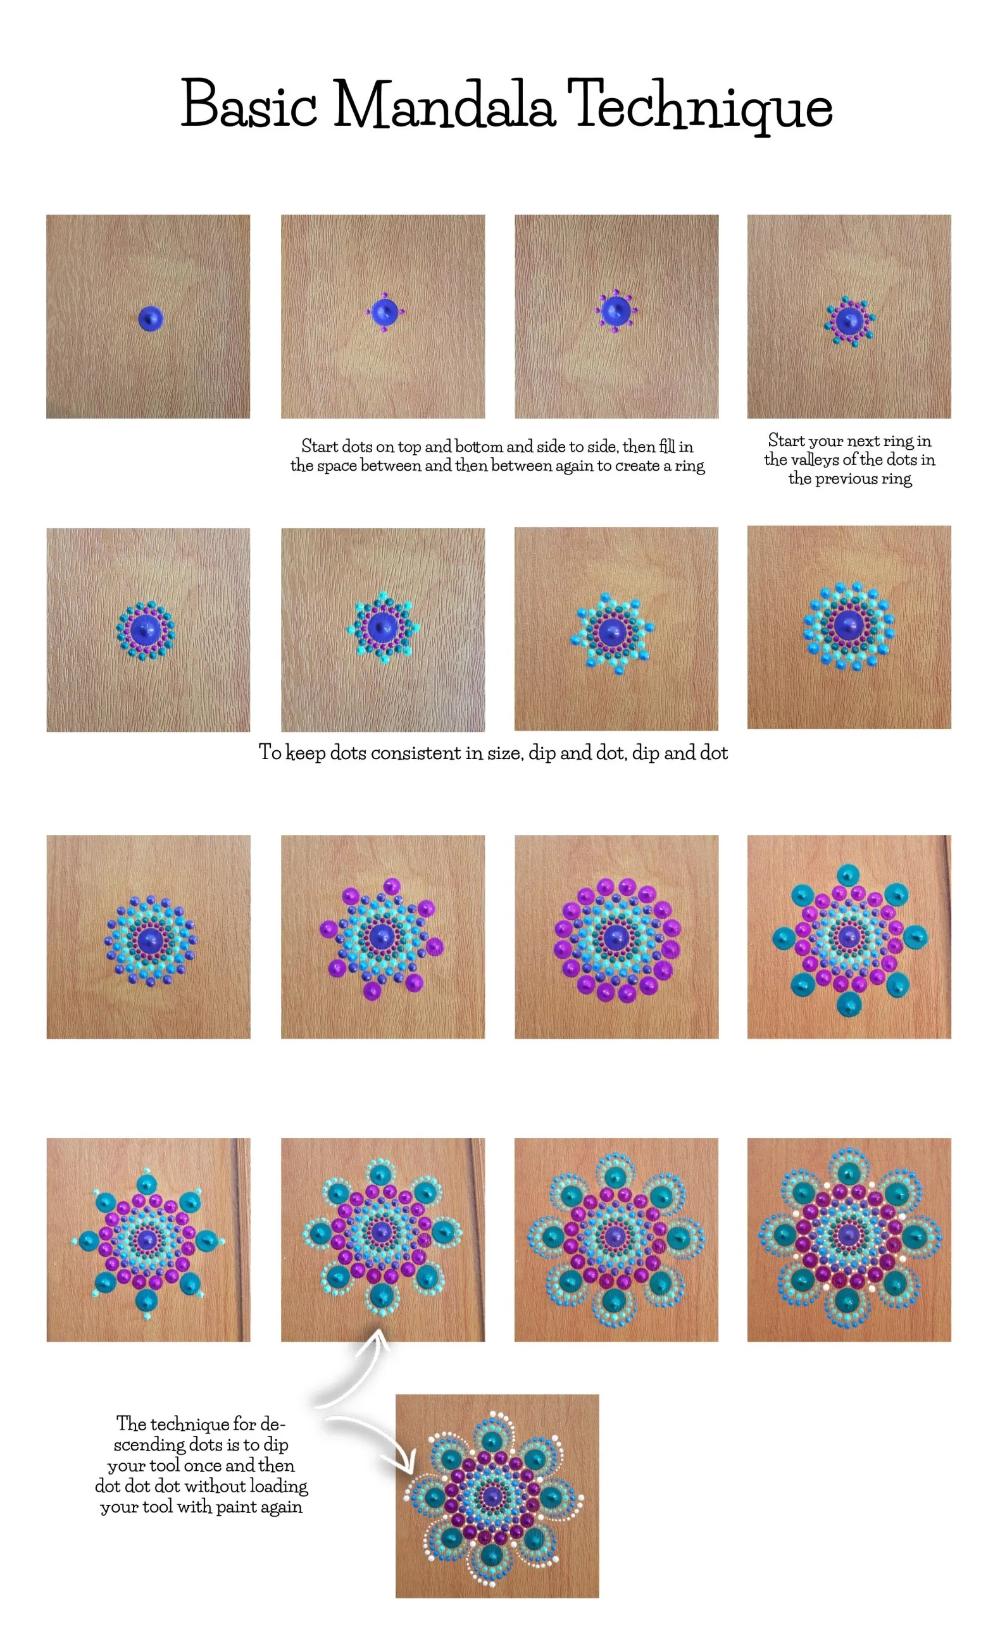 Pontfestes 101 6 Pro Tippek Kezdoknek Kelly Theresa Mandala Malen Anleitung Mandala Kunstunterricht Kunststunden